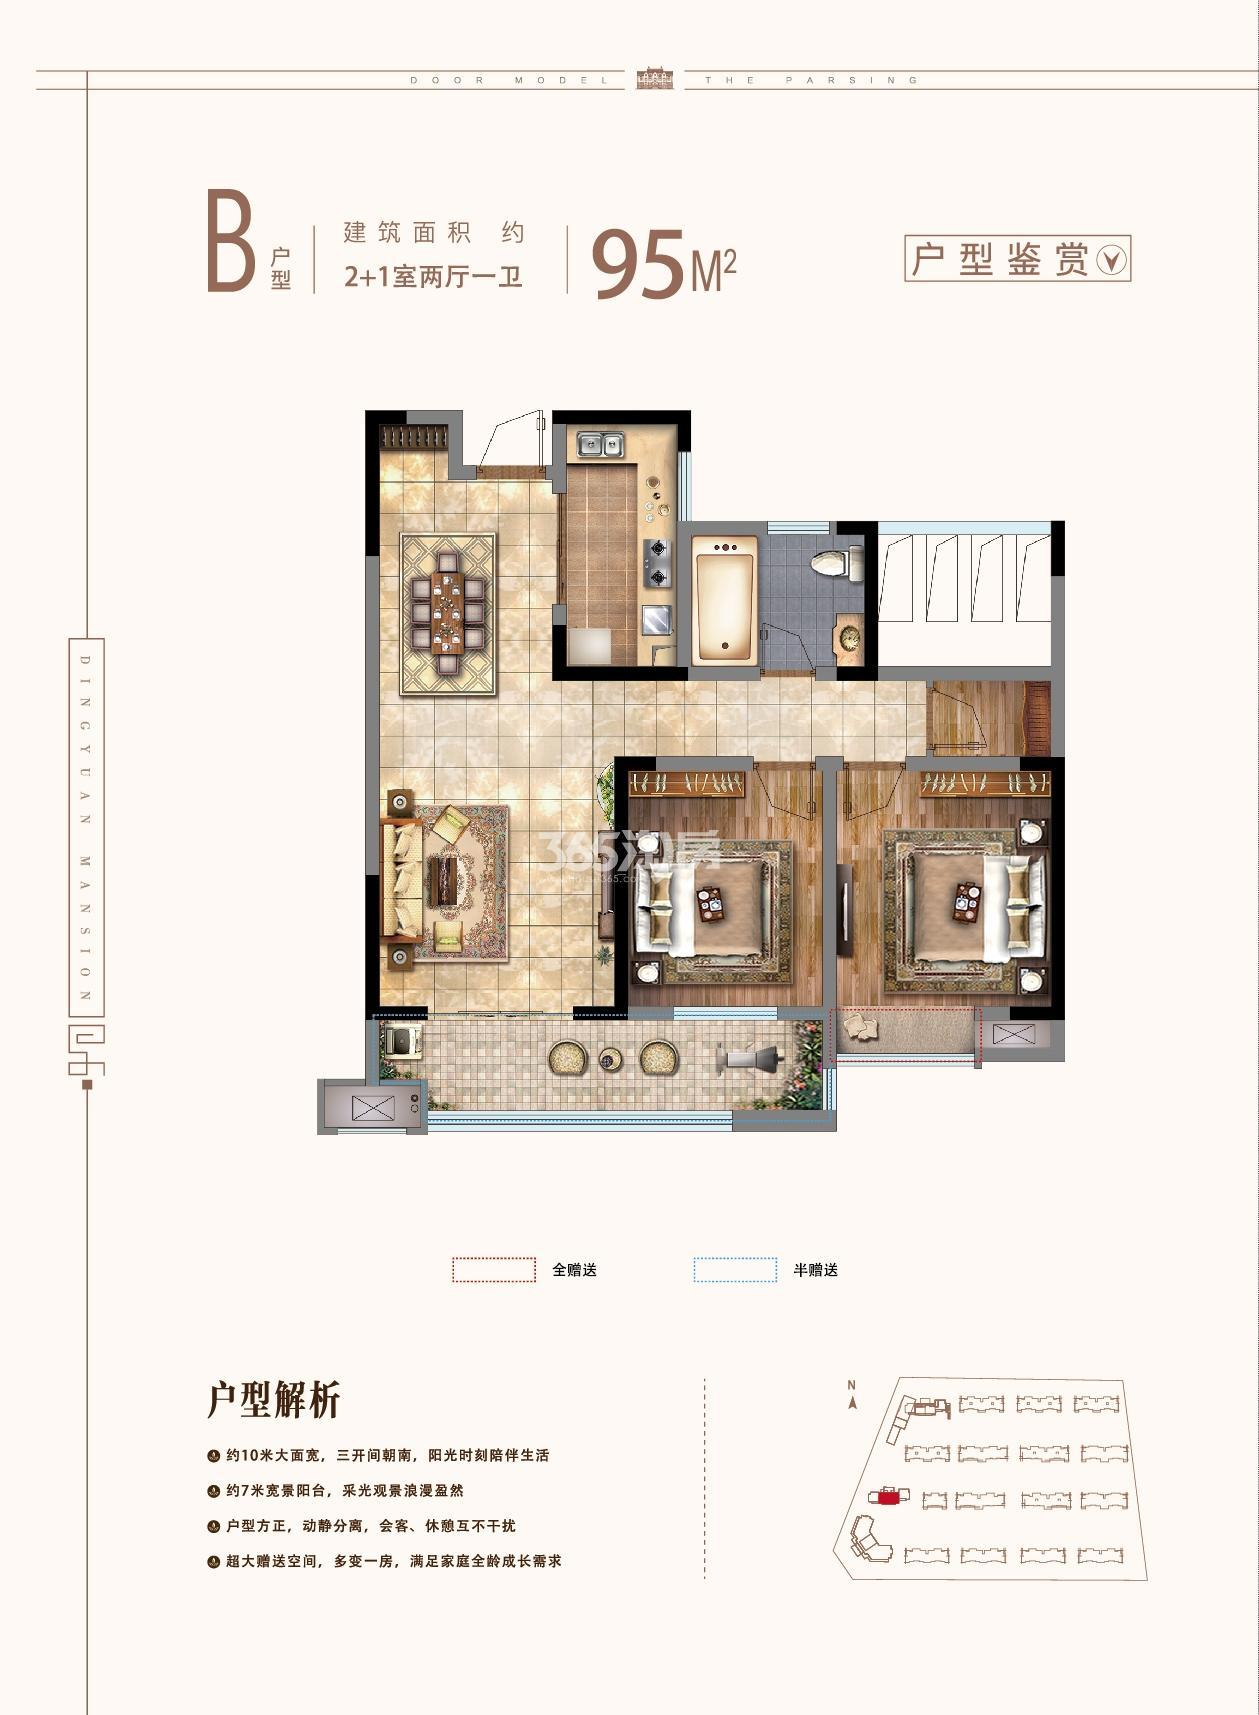 拓基·鼎元府邸 B户型 2+1室两厅一卫 95㎡